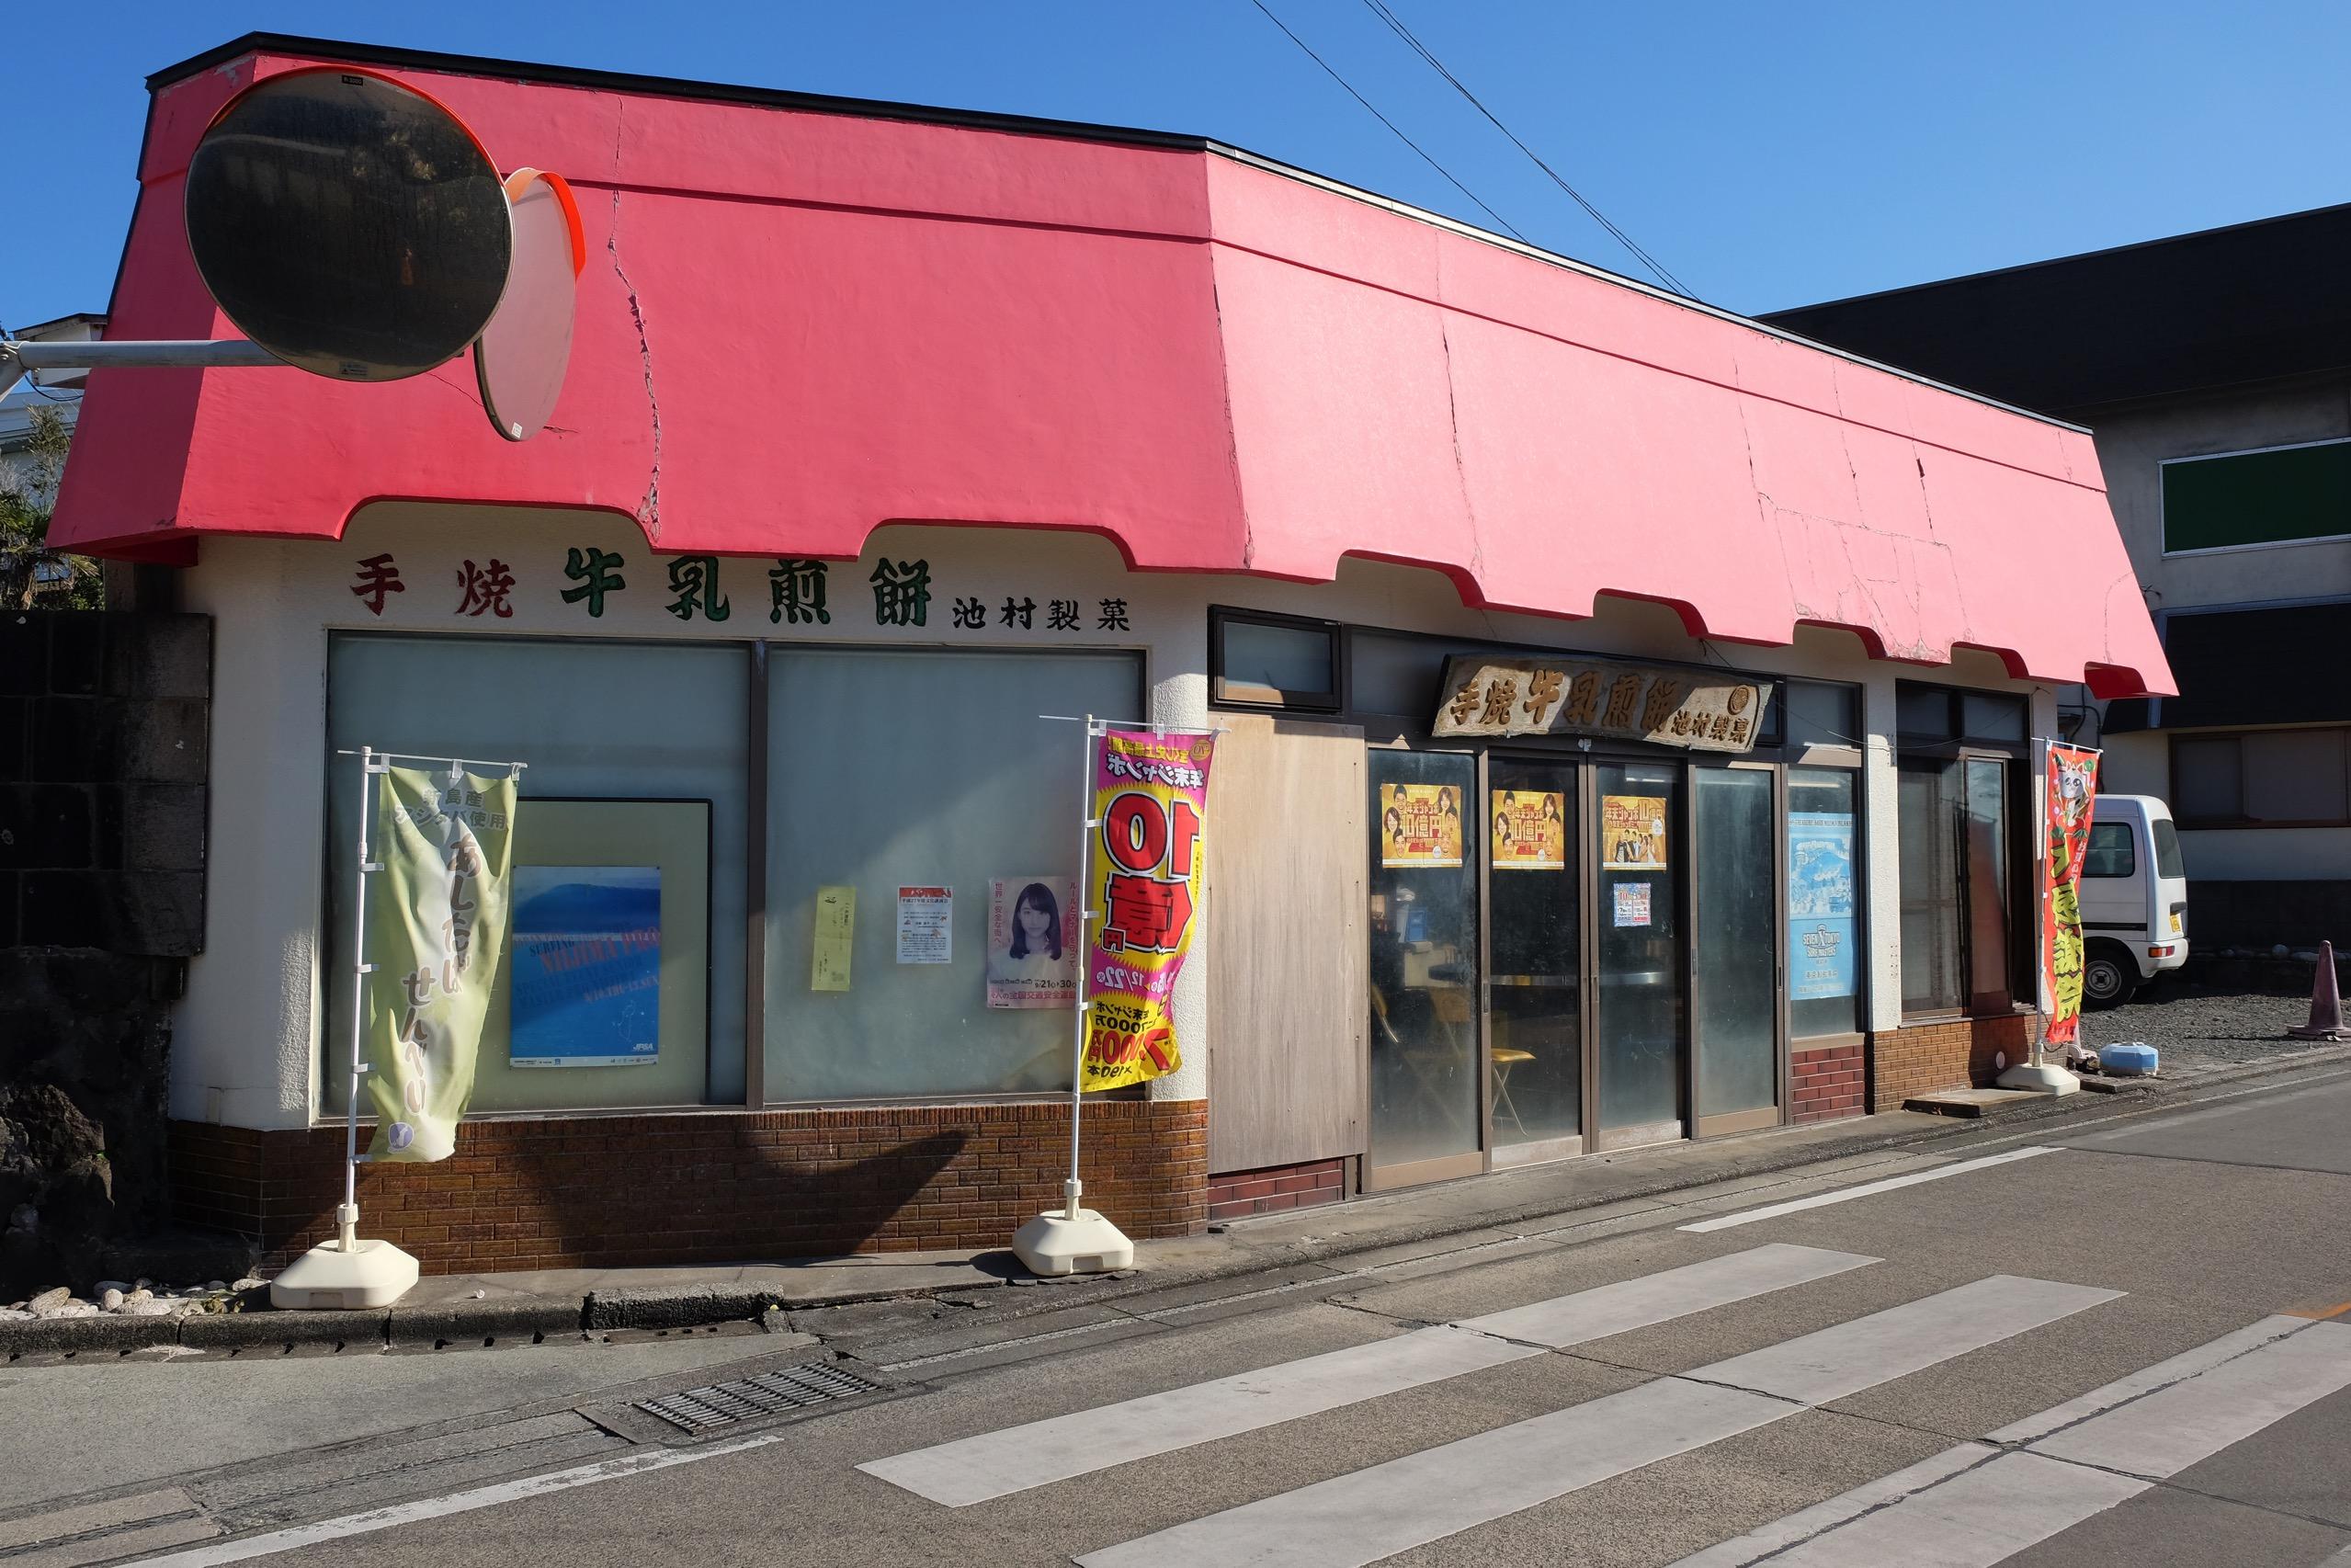 新島名物「牛乳煎餅」 #tokyo島旅山旅 #新島